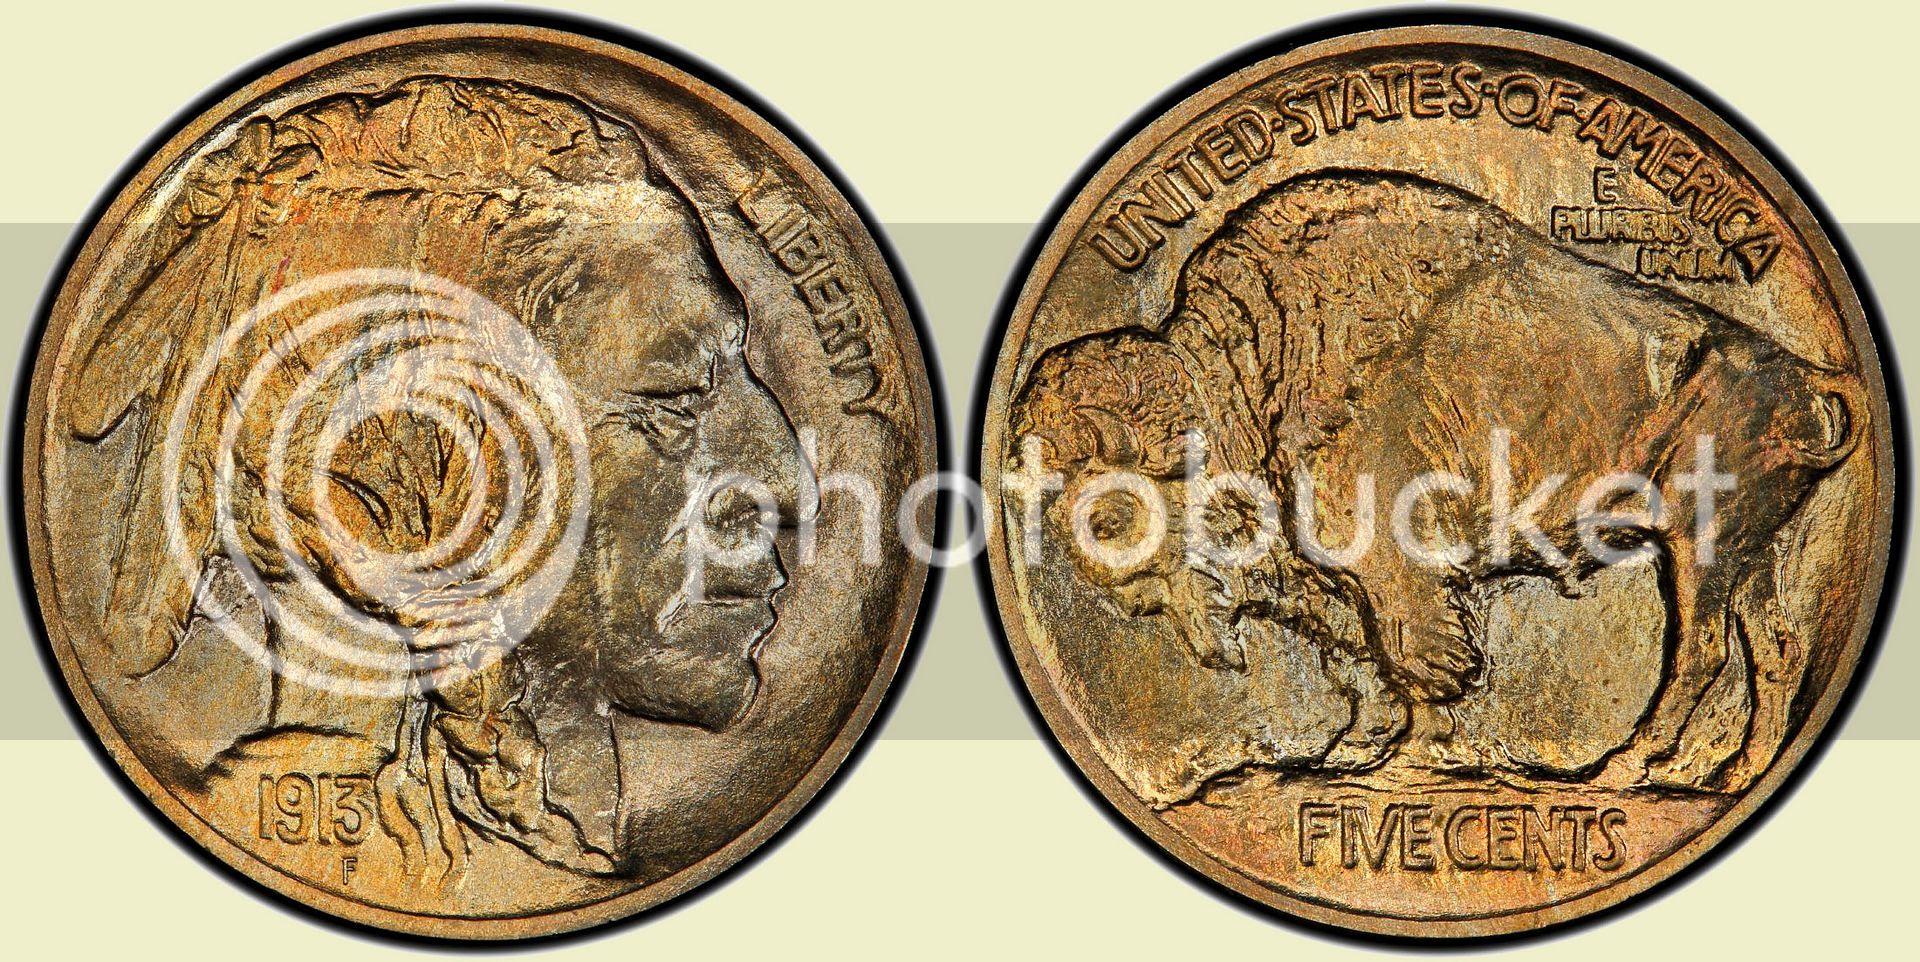 1913 Type 1 Indian Head nickel